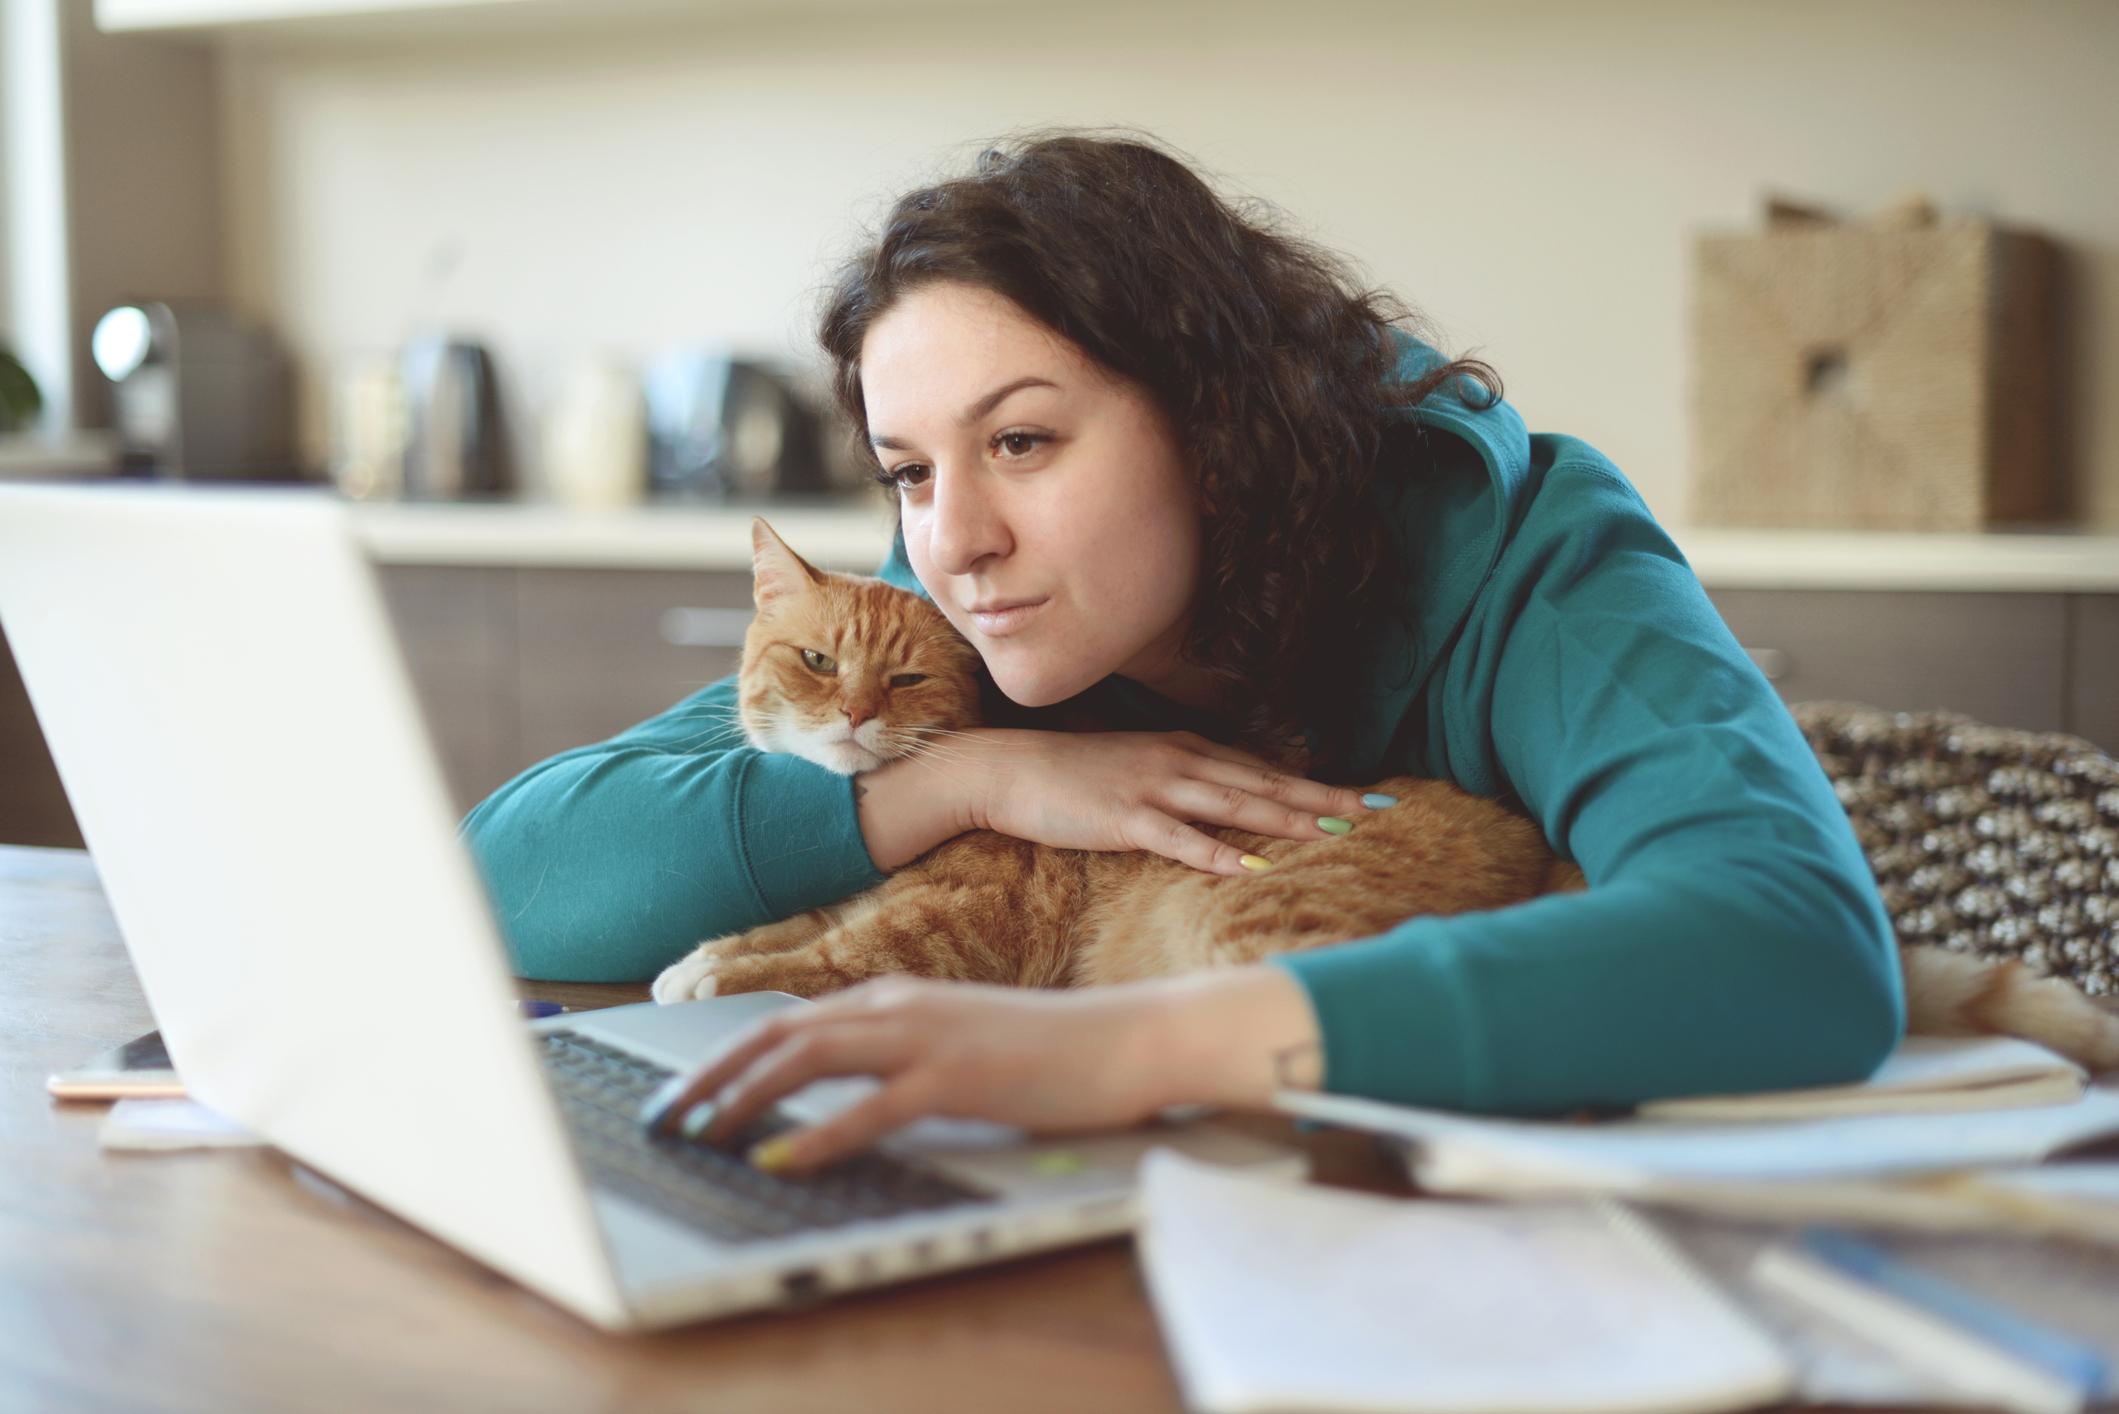 étudiante qui regarde l'ordinateur avec un chat